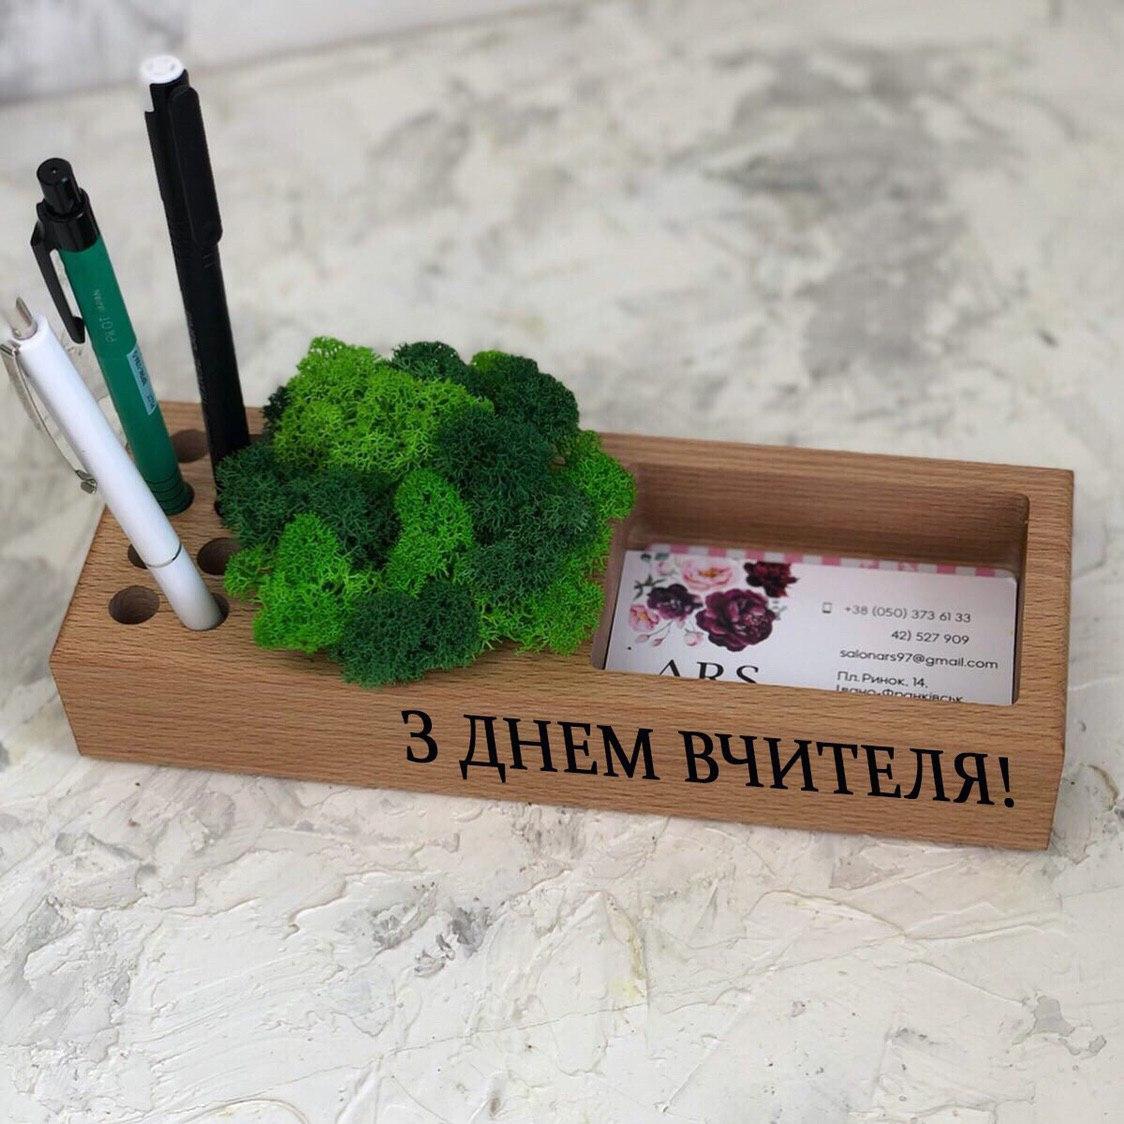 Органайзер с мохом